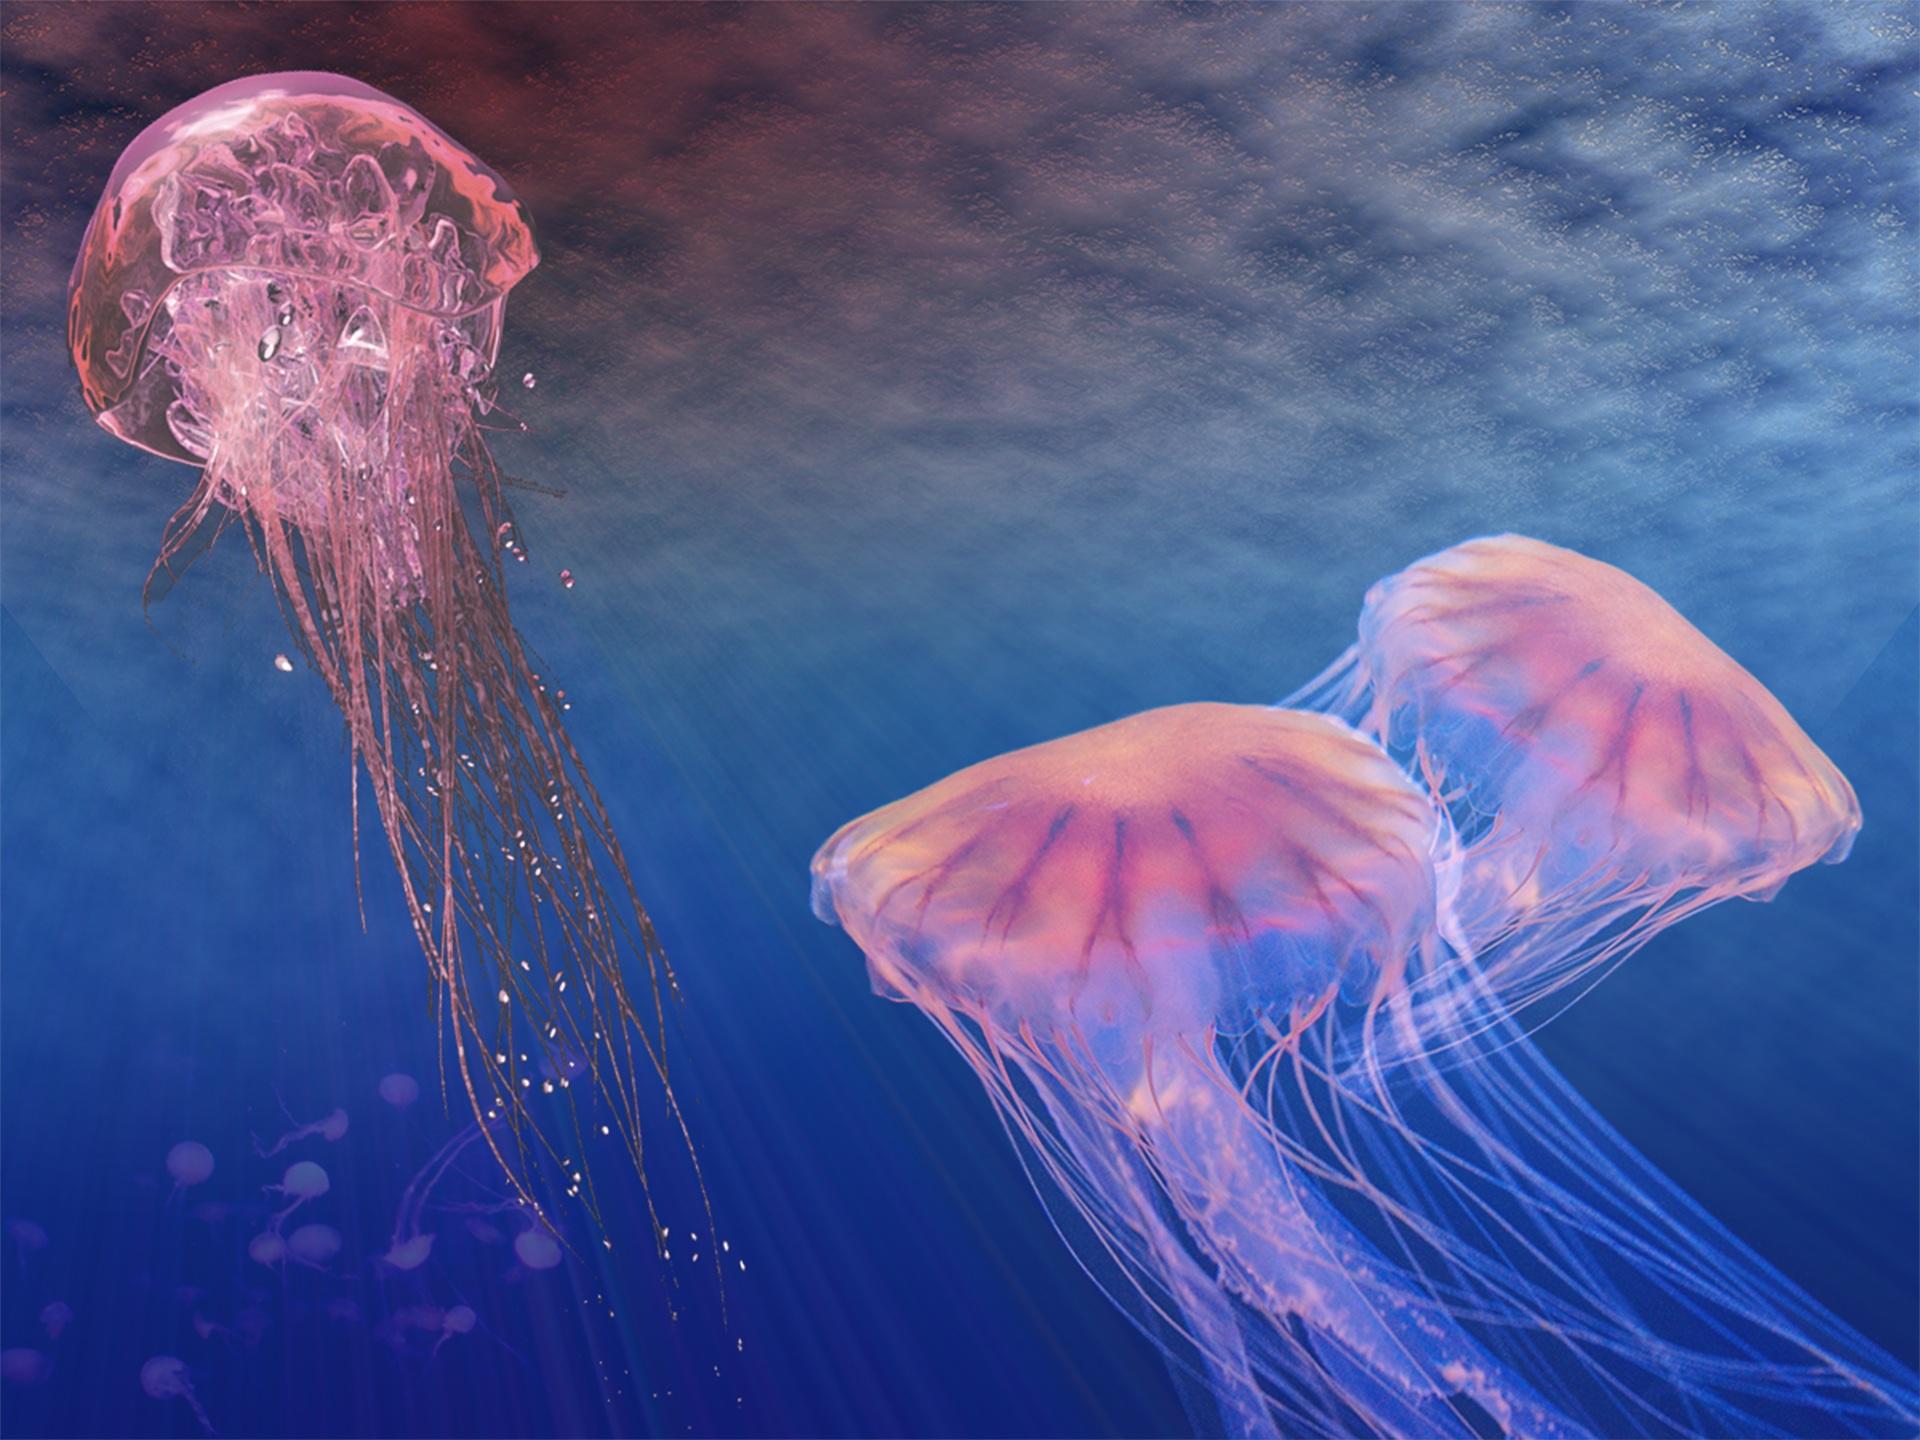 água-viva, vida marinha, Mar, Oceano, profundidades, Rosa - Papéis de parede HD - Professor-falken.com